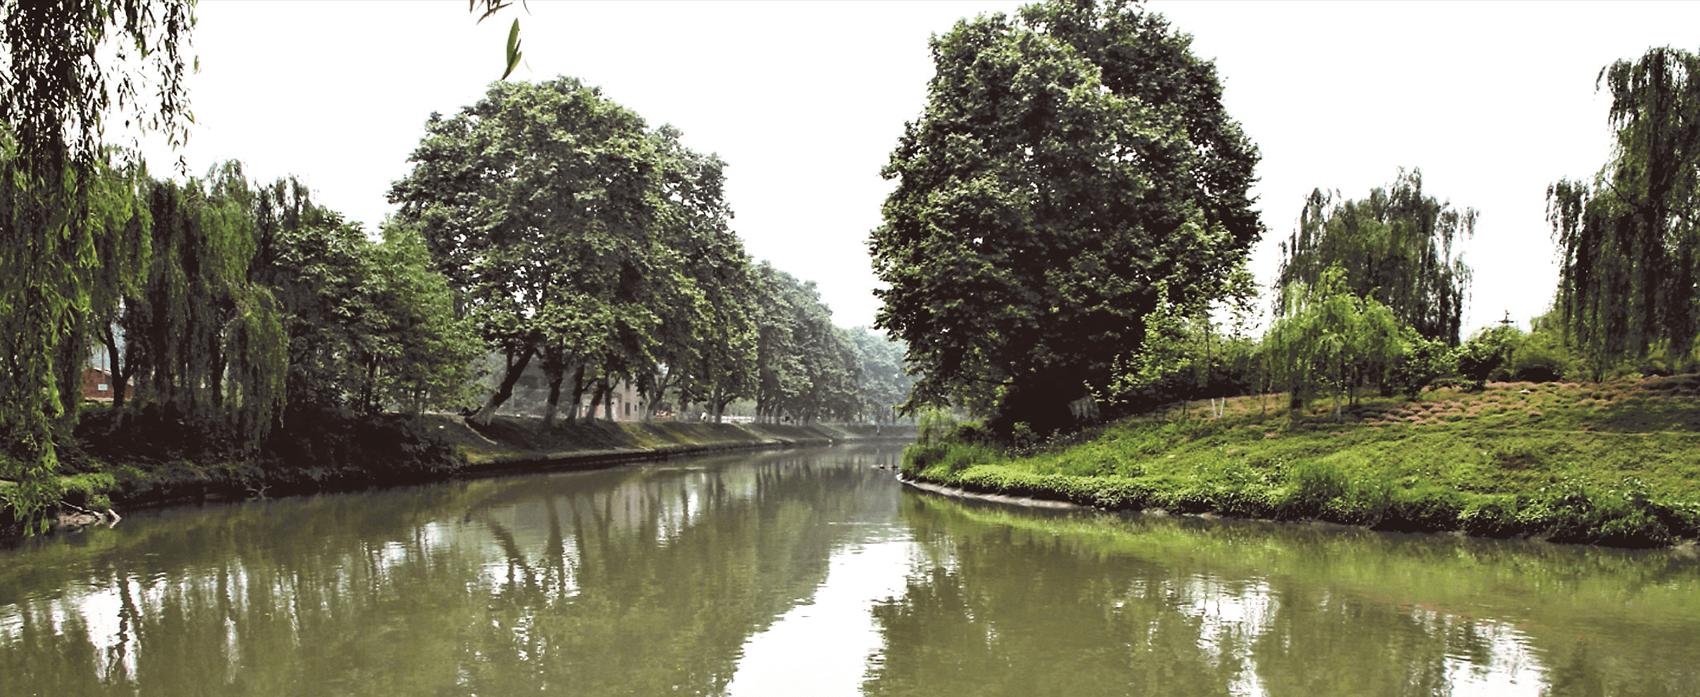 爱水让故事在河边发生